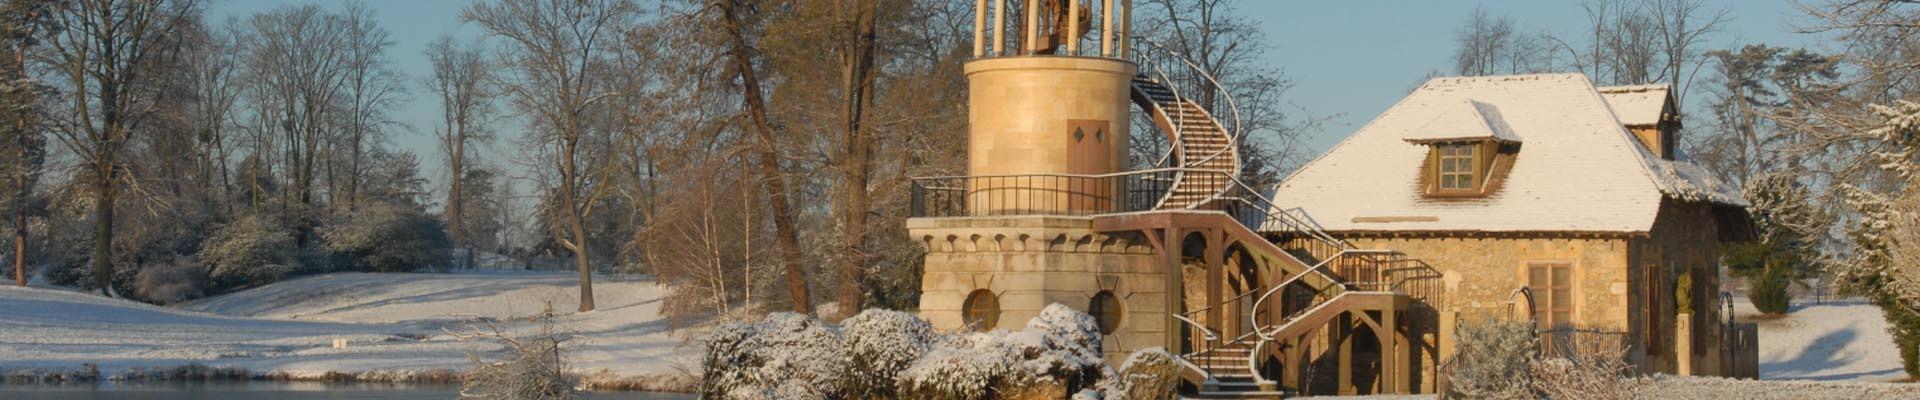 Hameau de la Reine en hiver